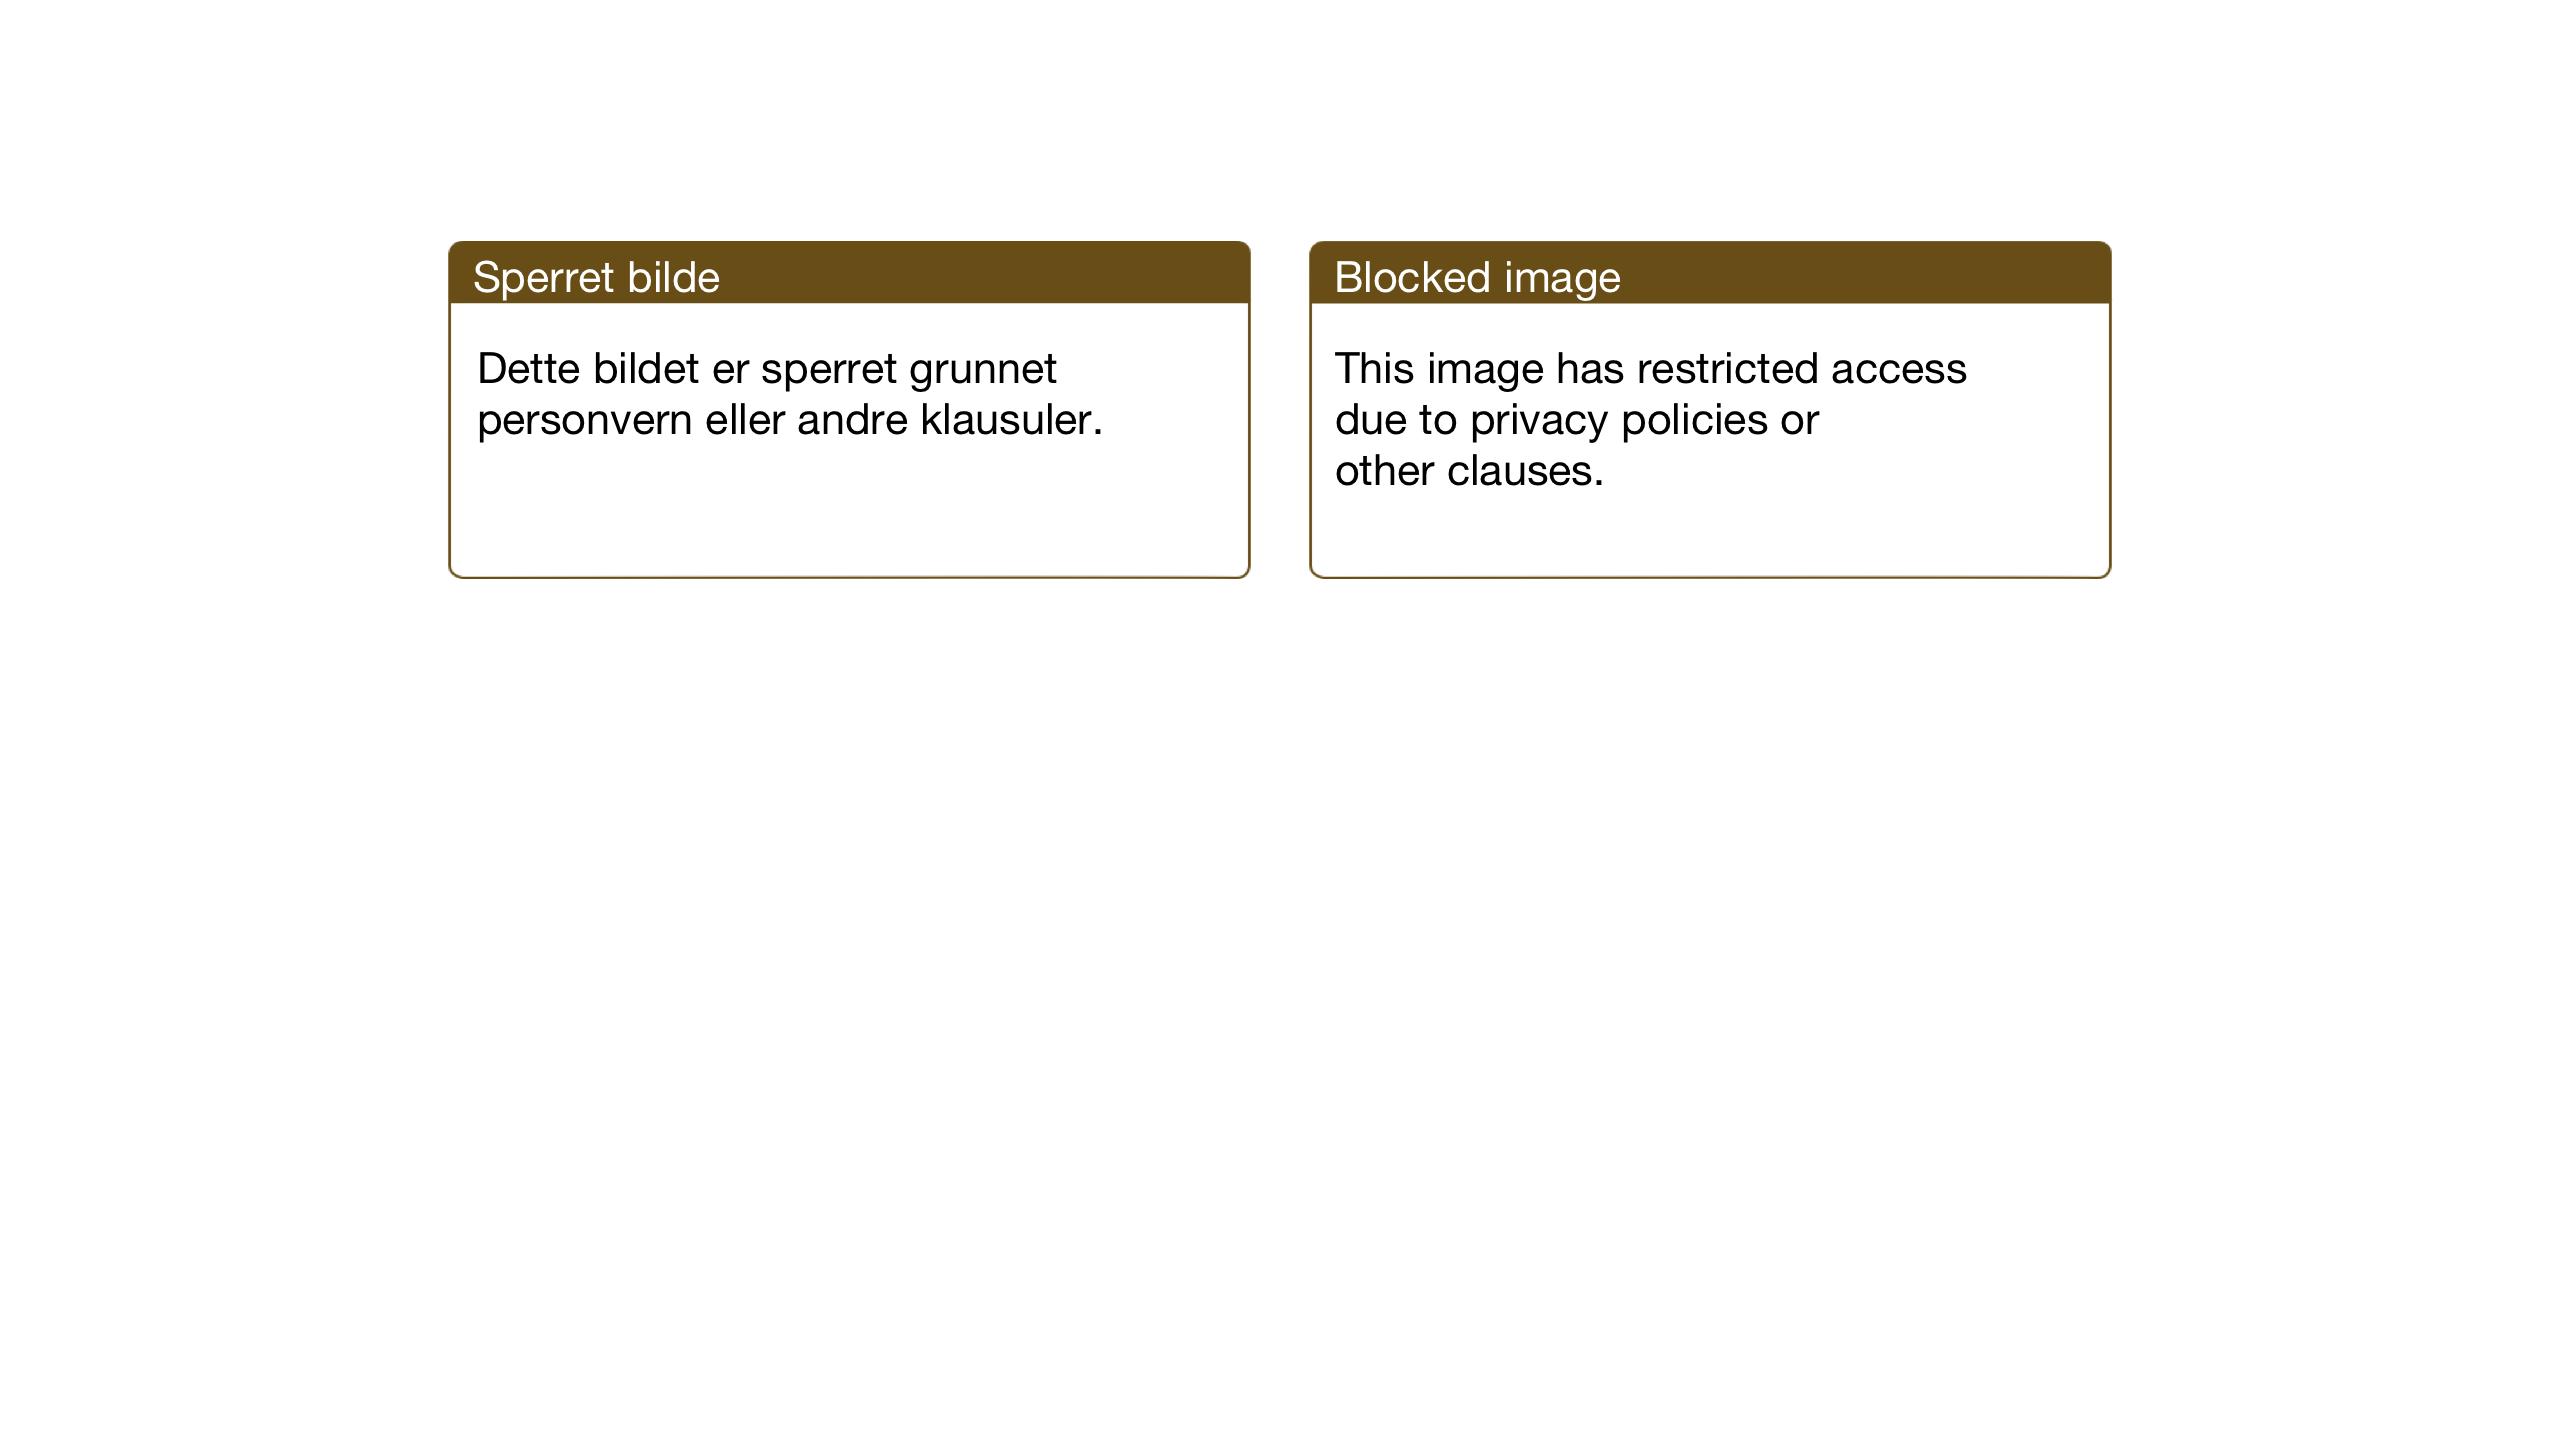 SAT, Ministerialprotokoller, klokkerbøker og fødselsregistre - Sør-Trøndelag, 638/L0569: Klokkerbok nr. 638C01, 1923-1961, s. 38